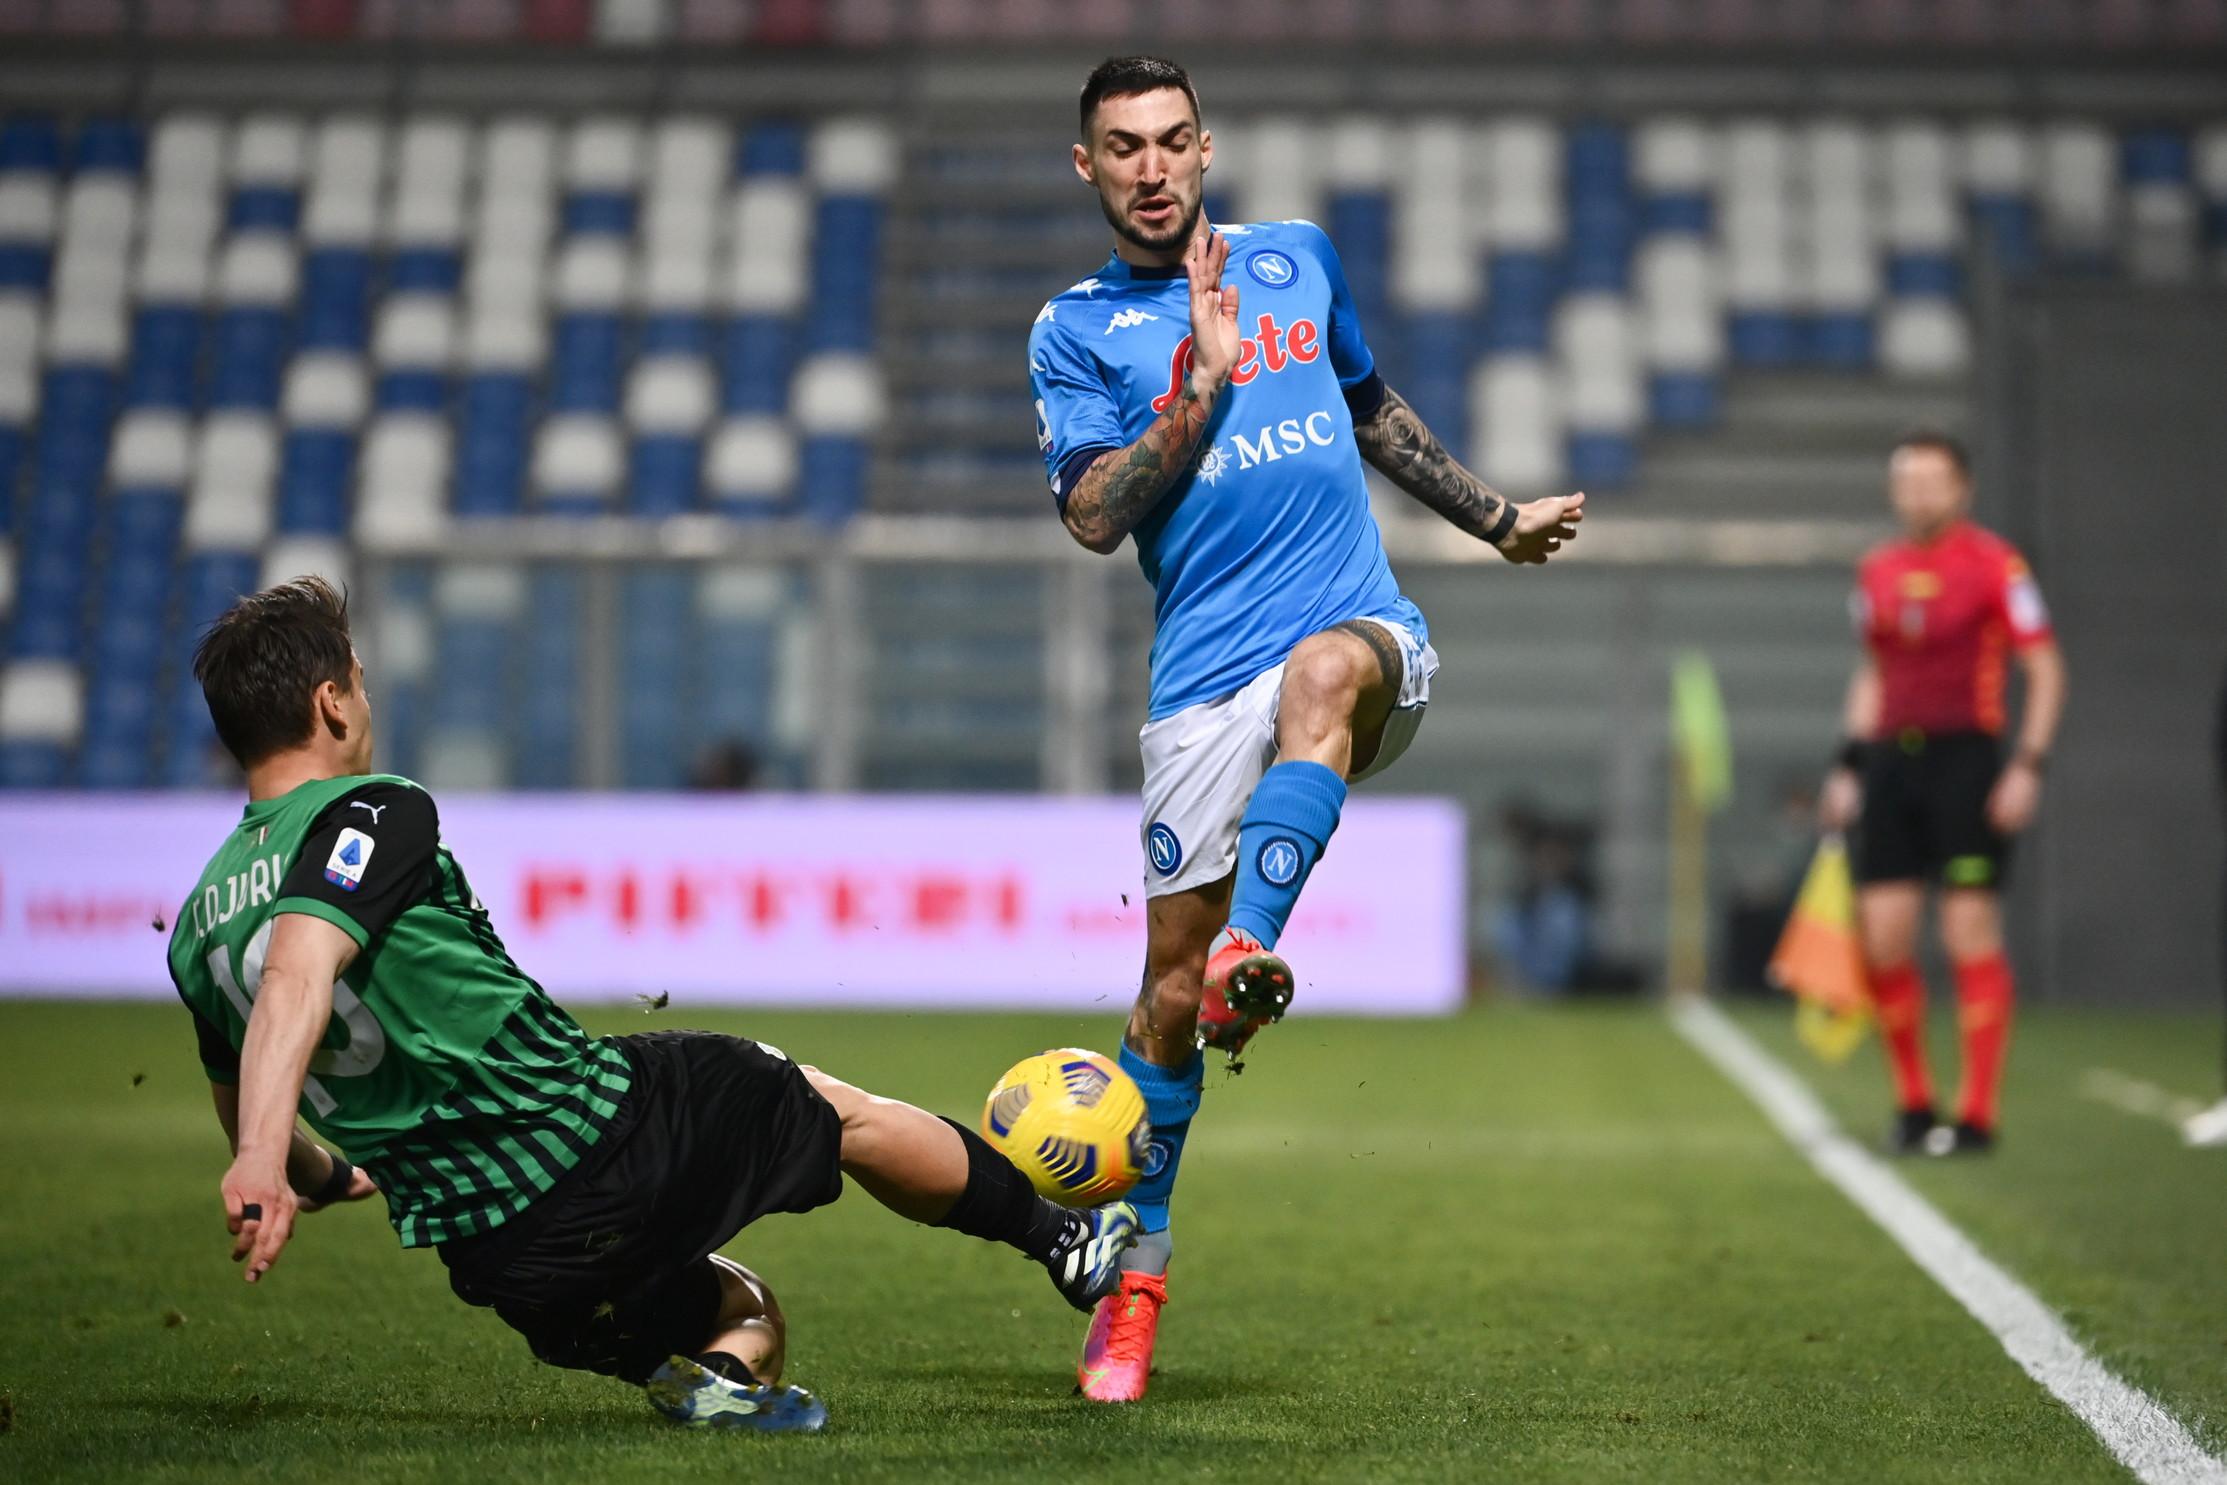 Serie A, Sassuolo-Napoli 3-3: Caputo frena Gattuso in extremis | News -  Sportmediaset